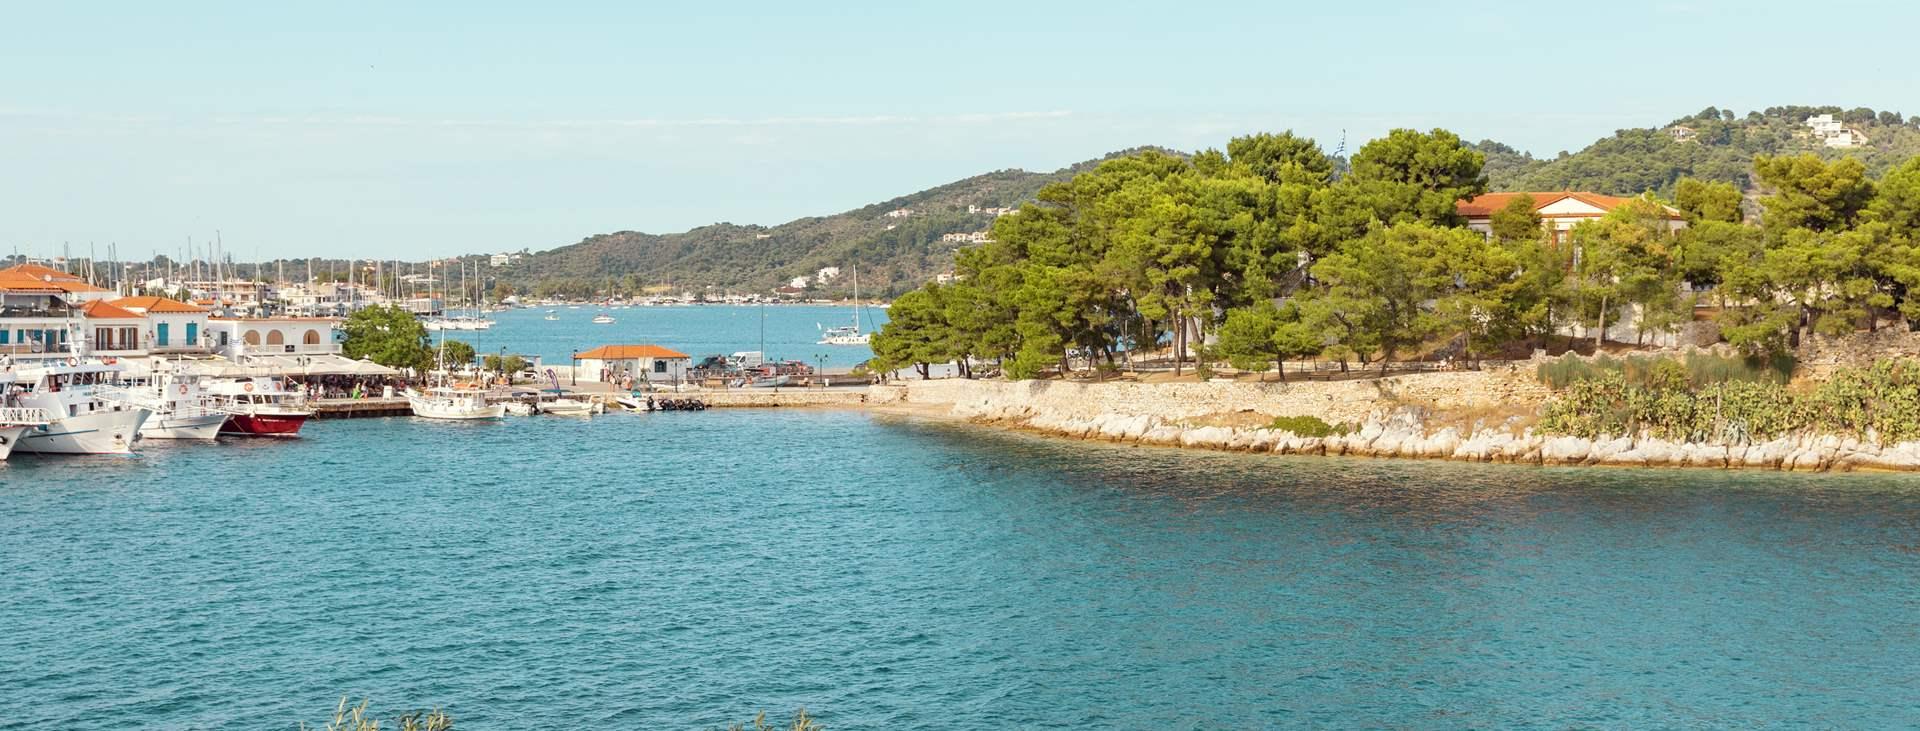 Bestill en reise til den greske øya Skiathos med Ving